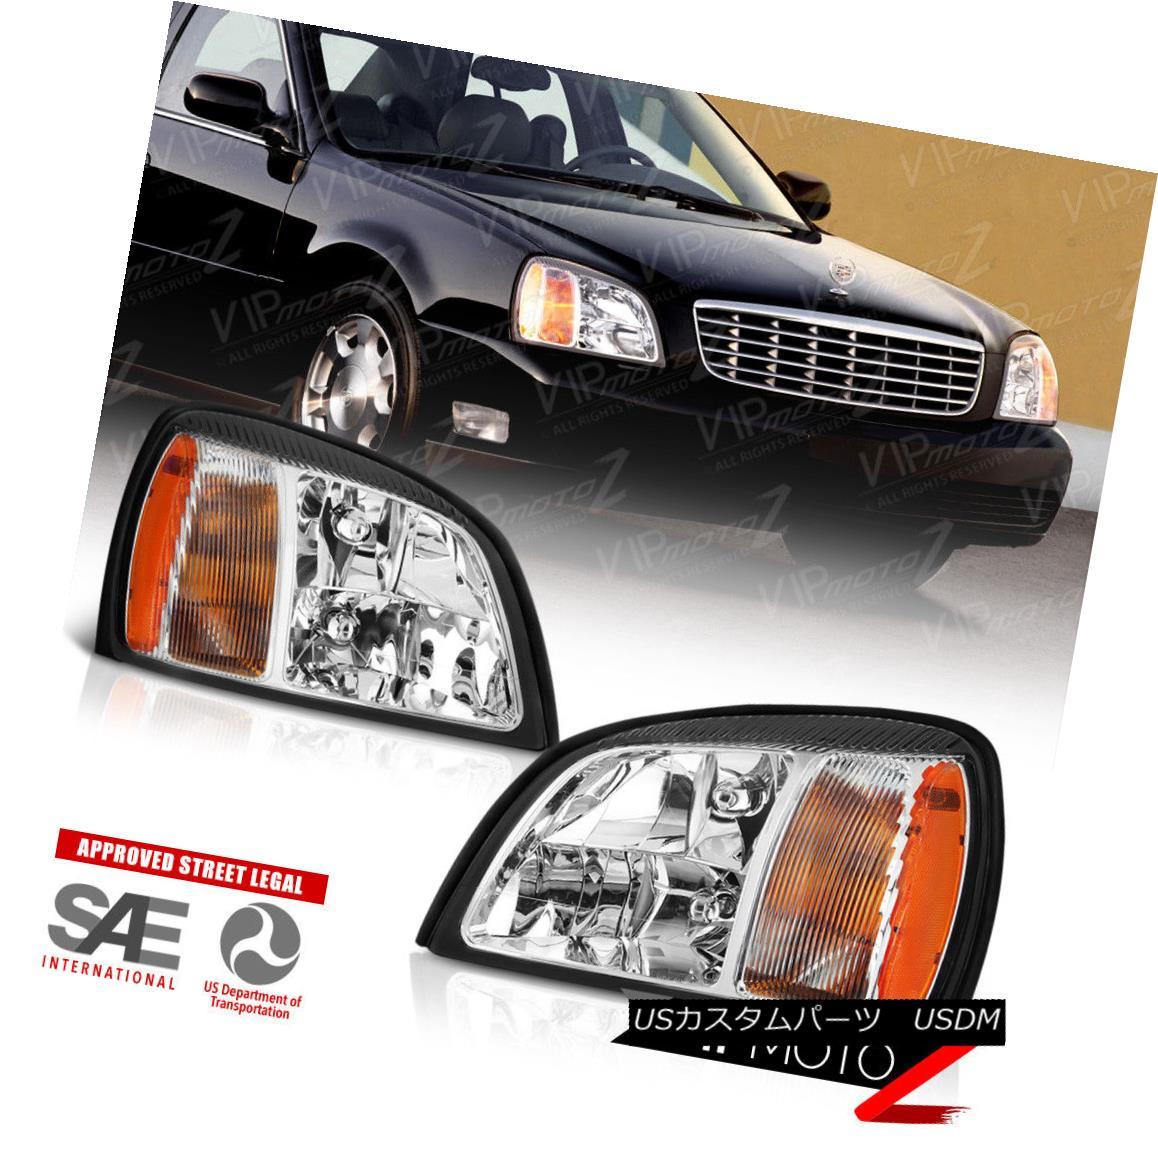 ヘッドライト [FACTORY STYLE] 2000-2005 Cadillac Deville Sedan Limo Headlights NEW PAIR LH+RH [FACTORY STYLE] 2000-2005キャデラックデビルセダンリムジンヘッドライトNEW PAIR LH + RH